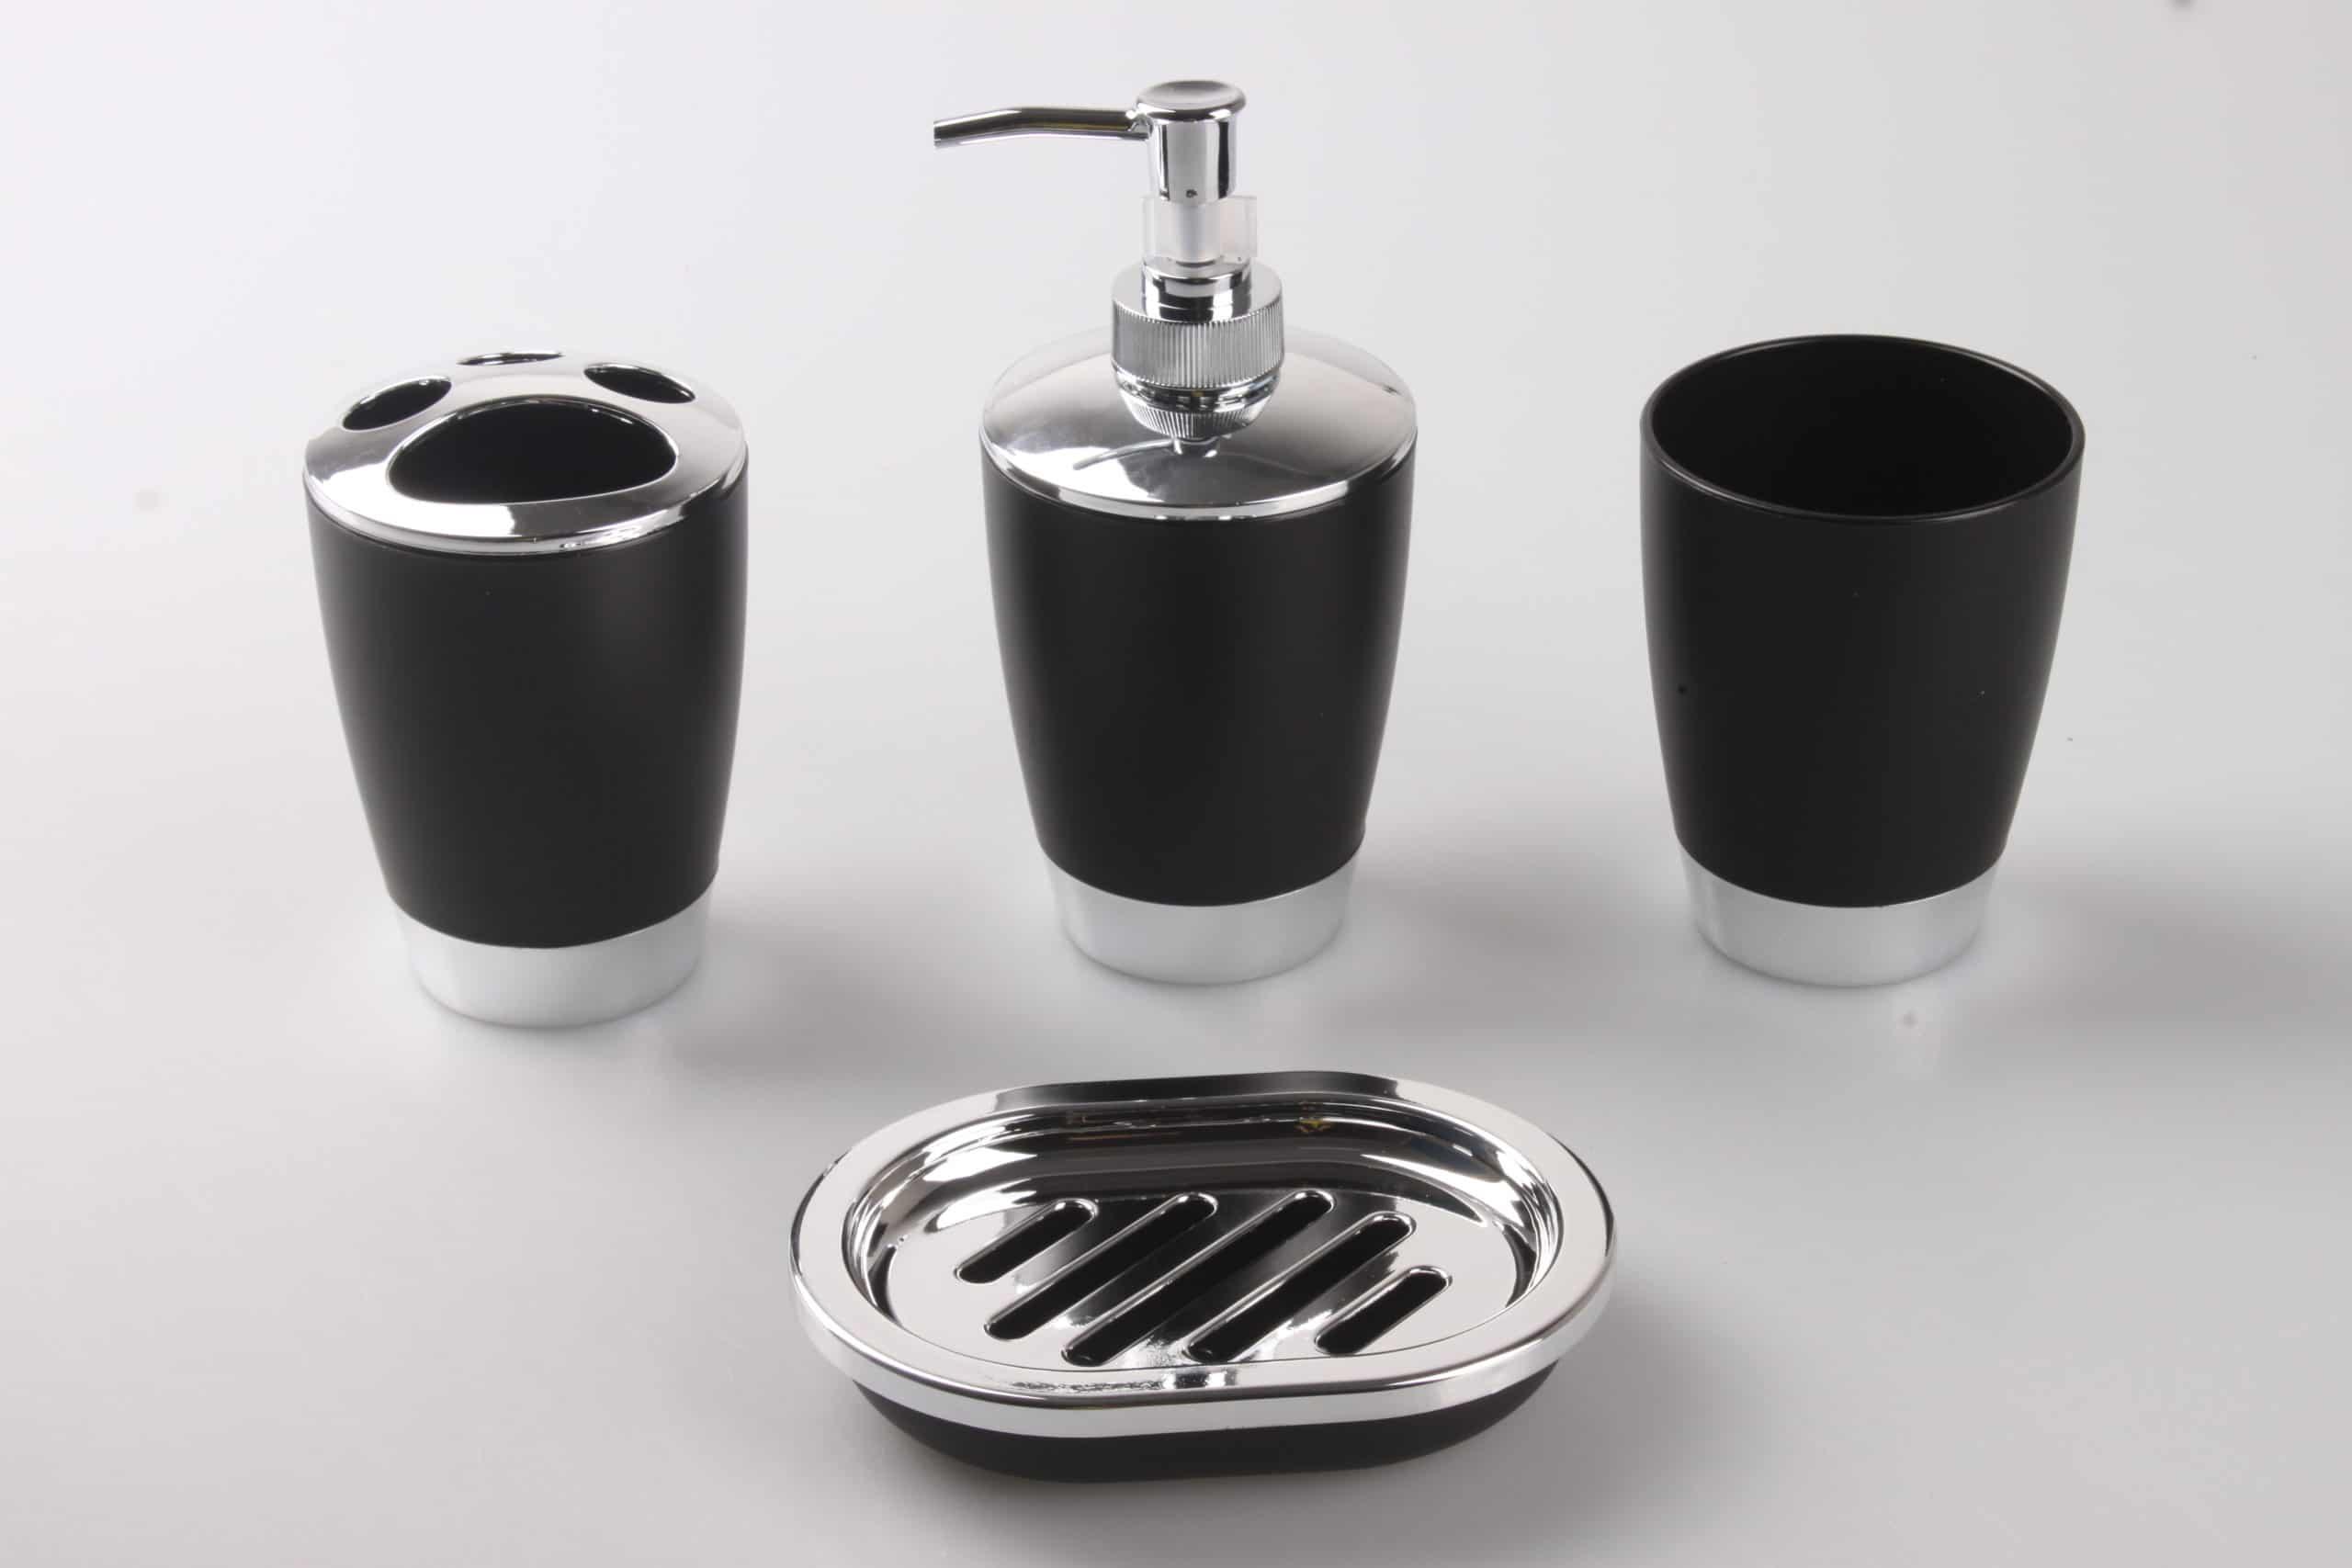 accessoires salle de bains sols concept plan de campagne